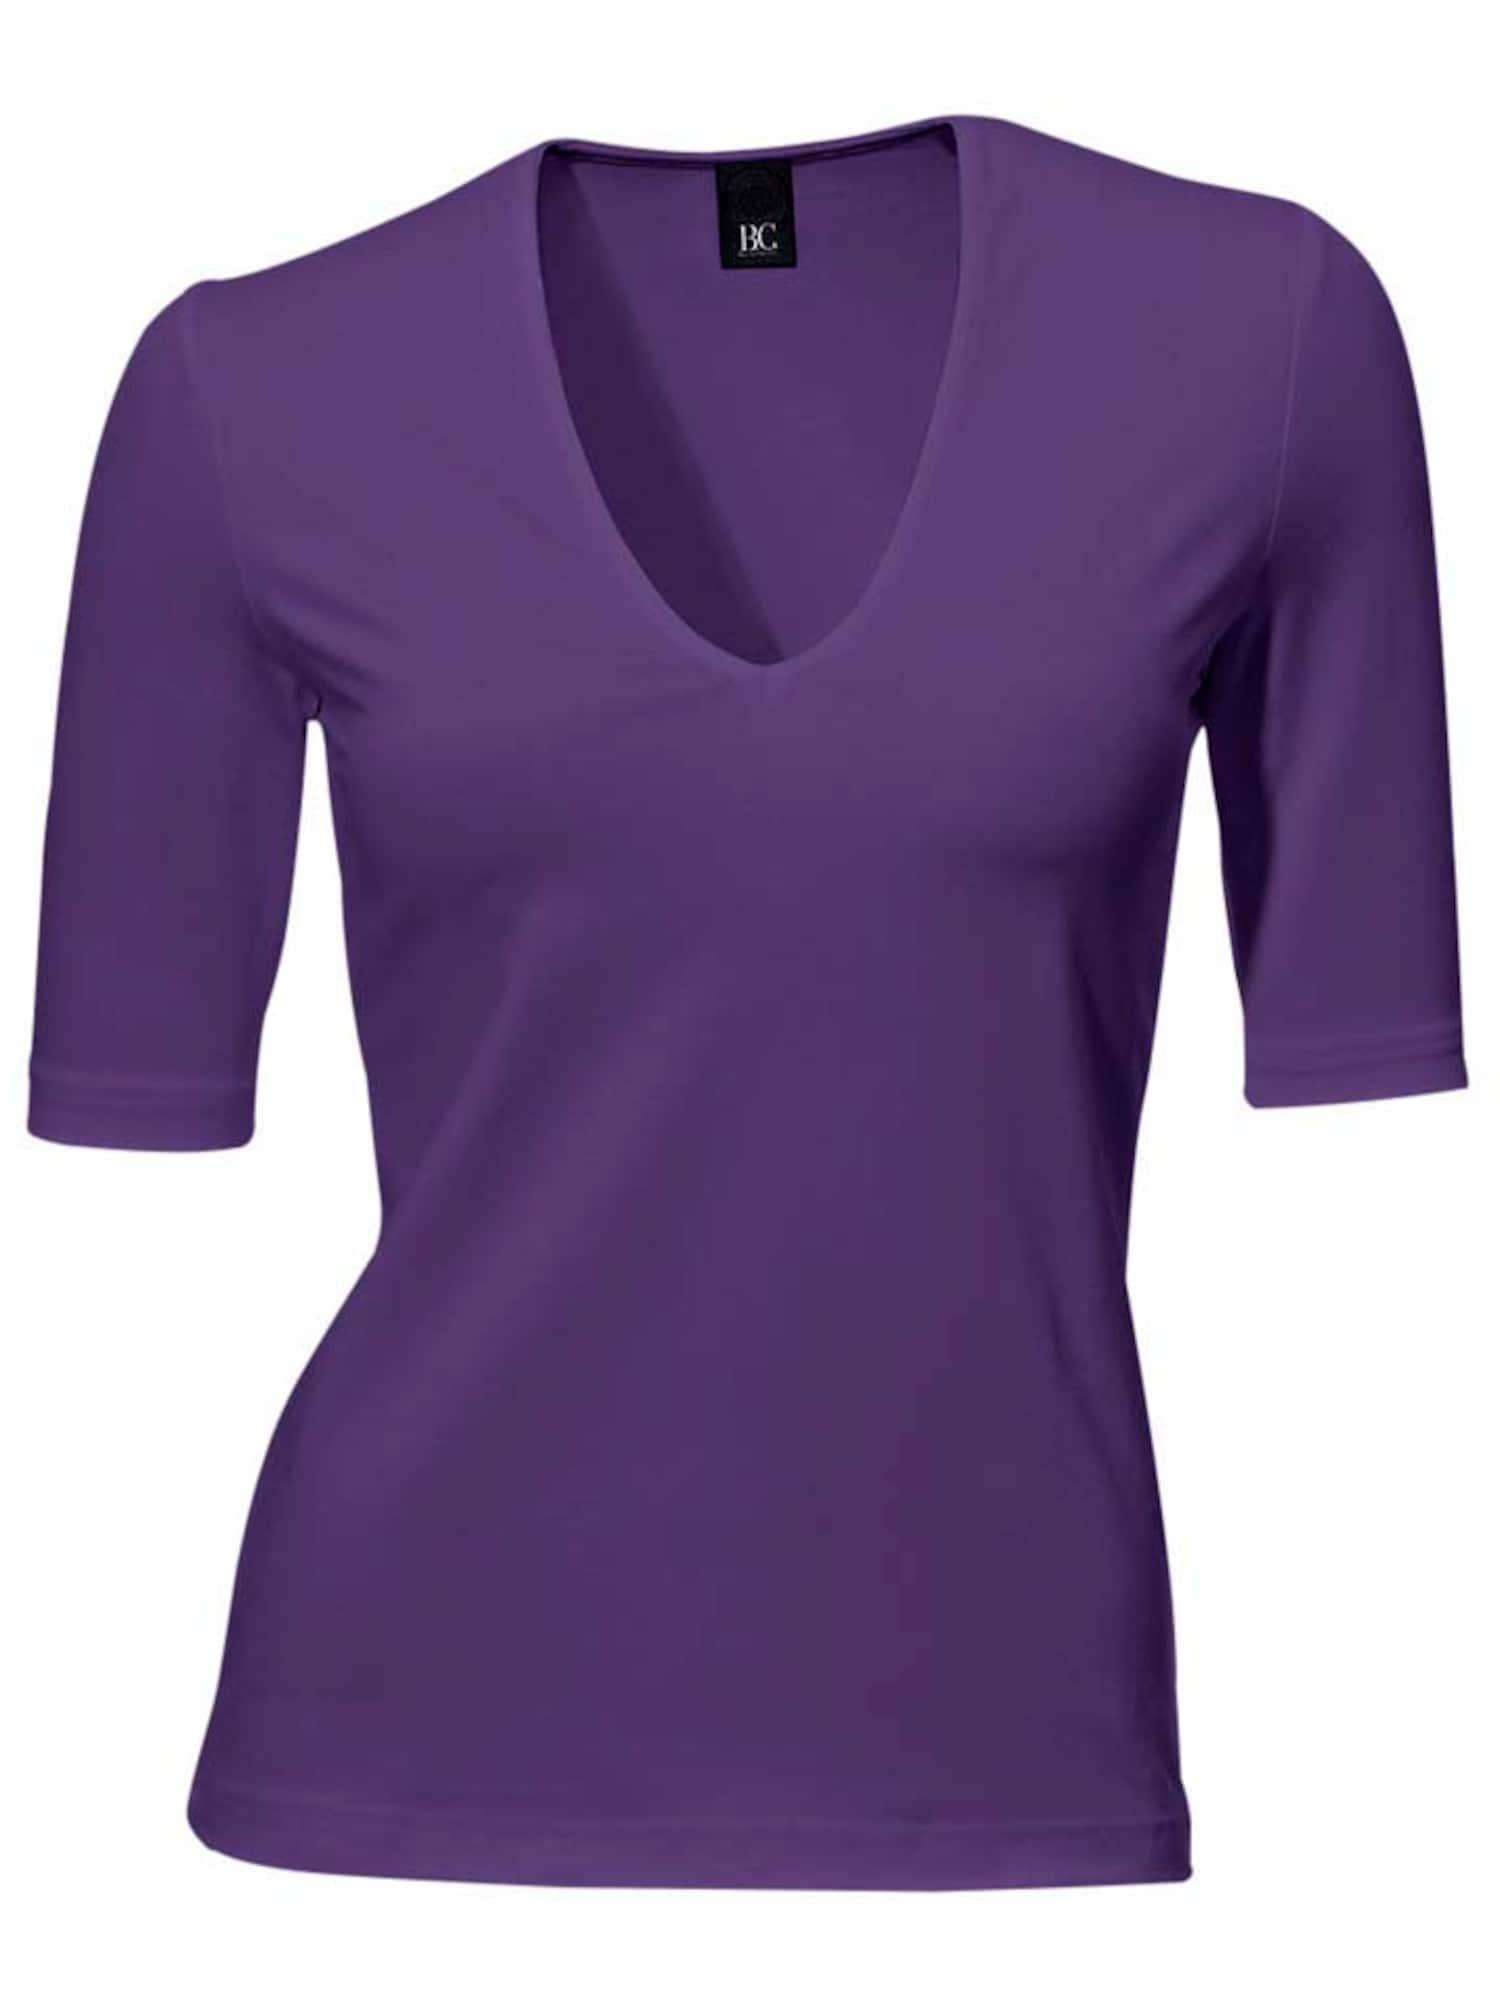 Ashley Brooke by heine Marškinėliai baklažano spalva